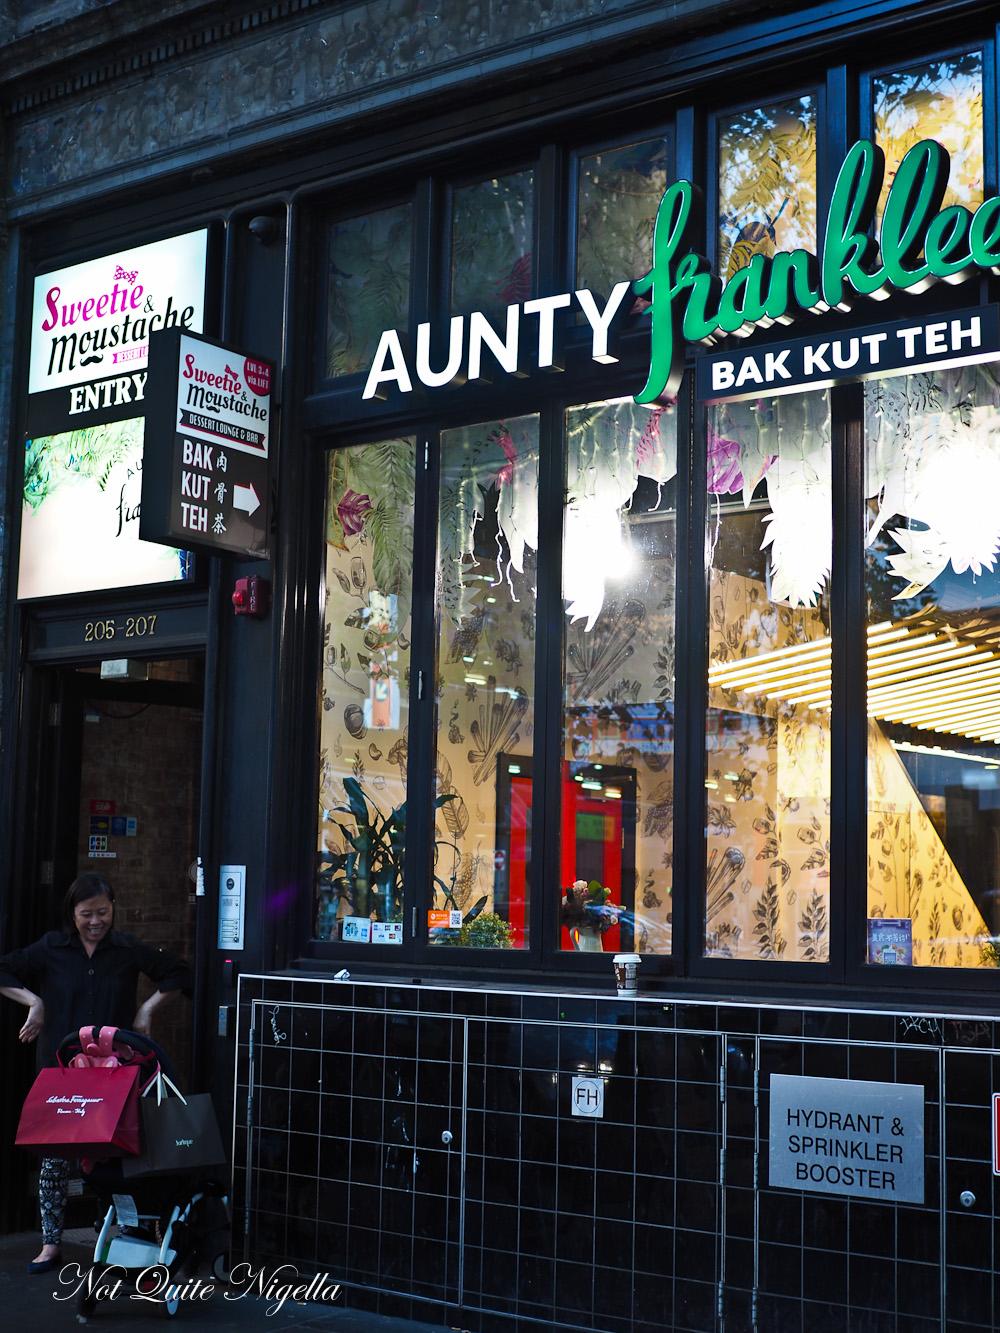 Aunty Franklee Melbourne